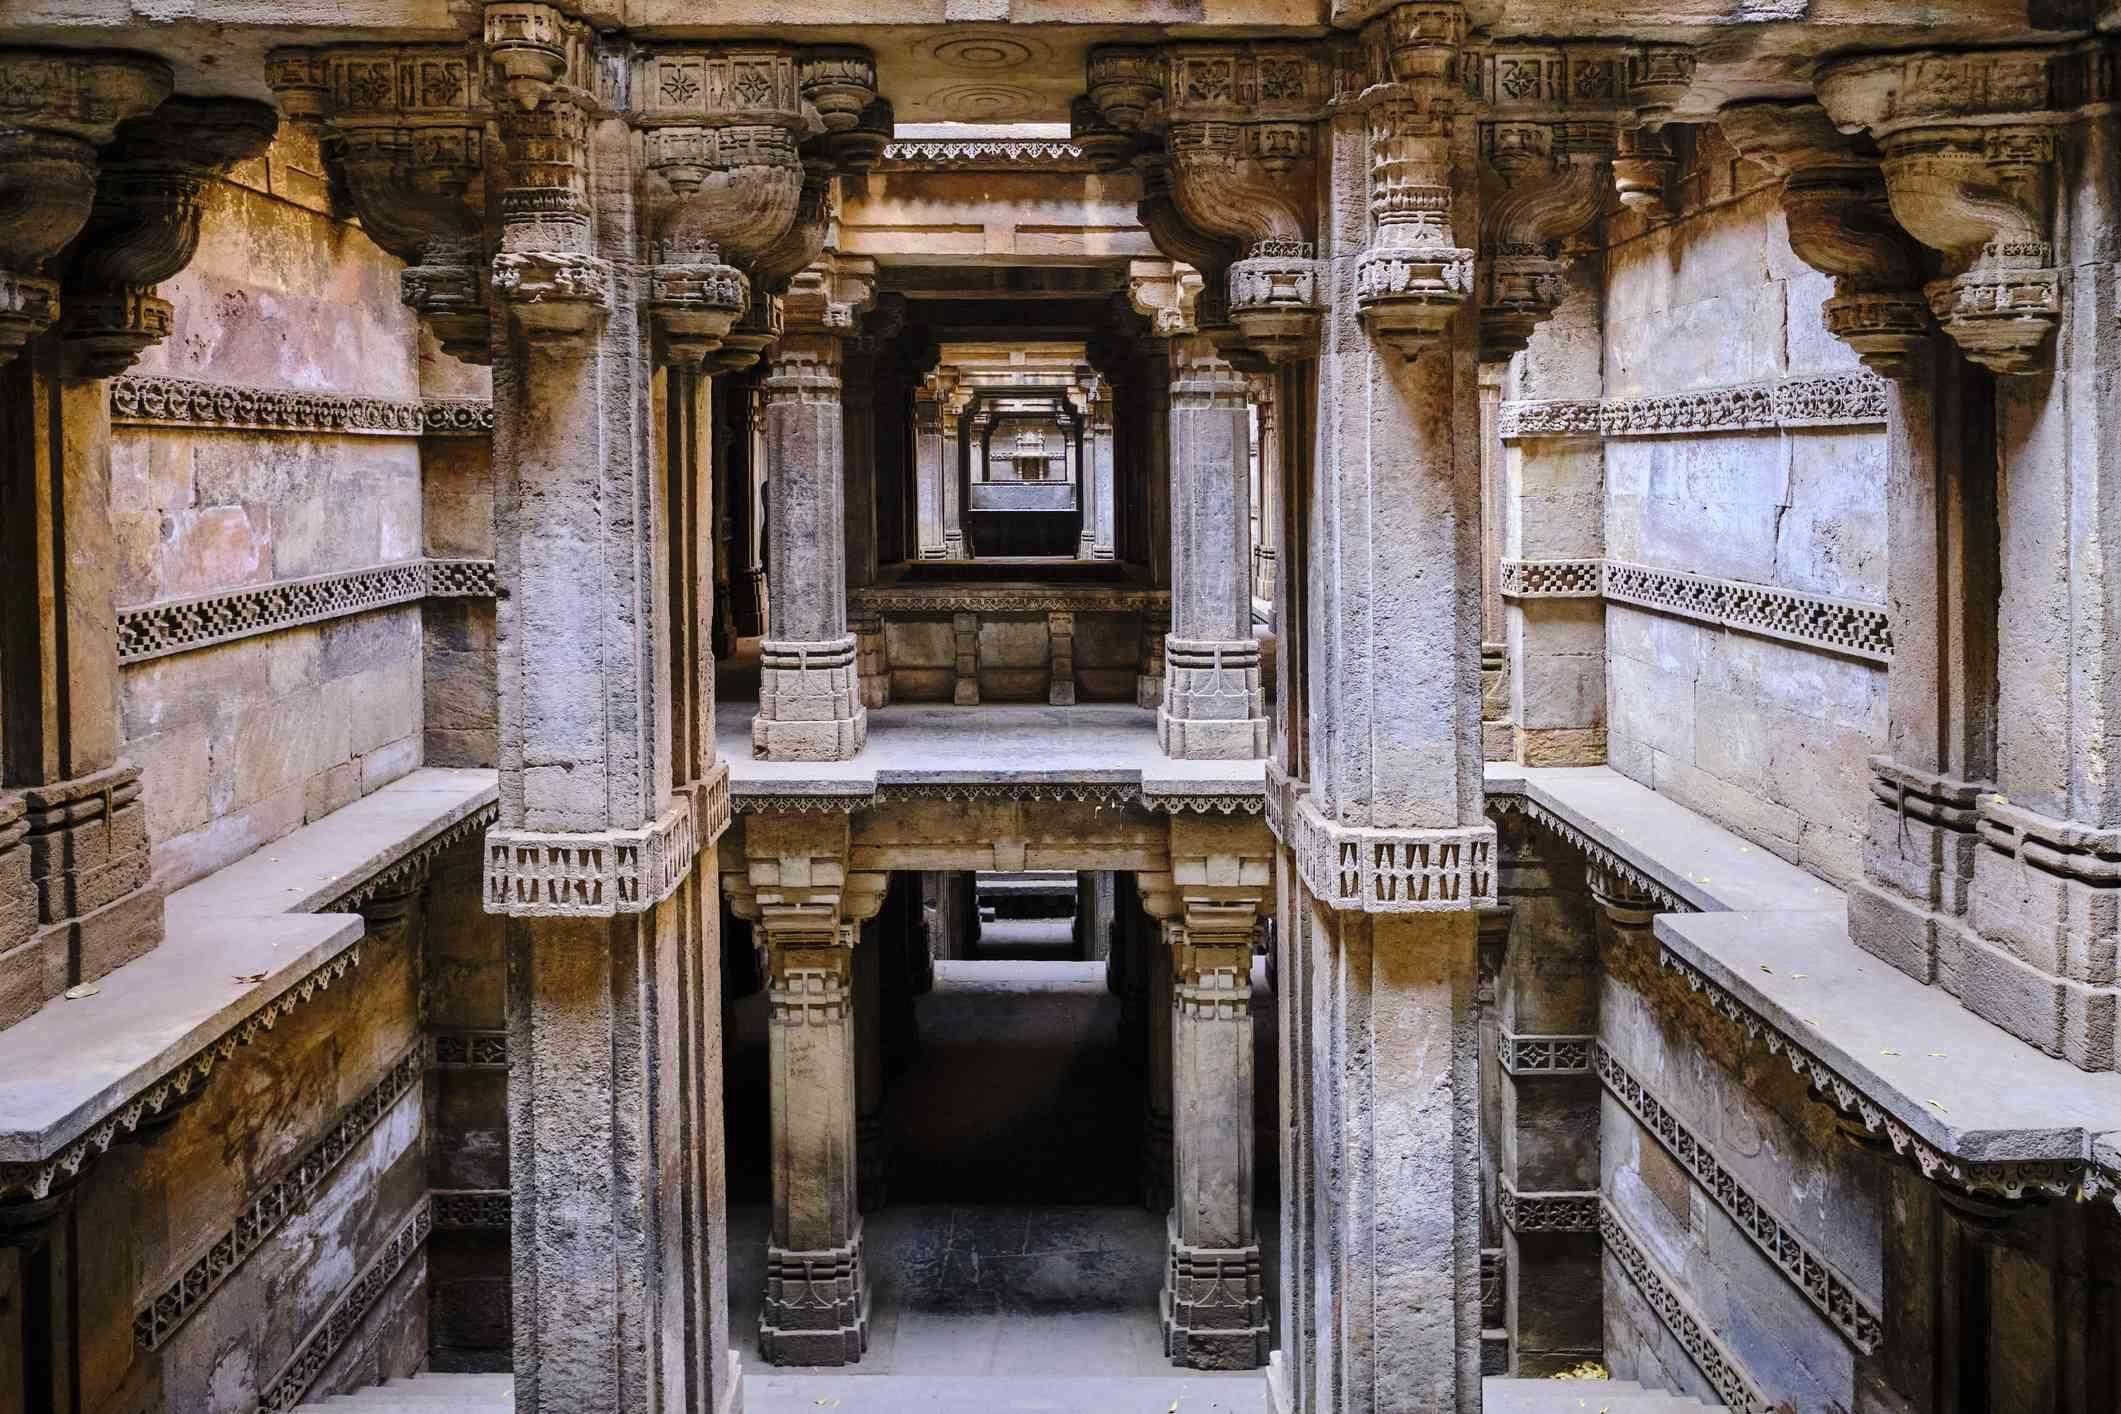 India, Gujarat, Ahmedabad, Dada Harir Vav stepwell